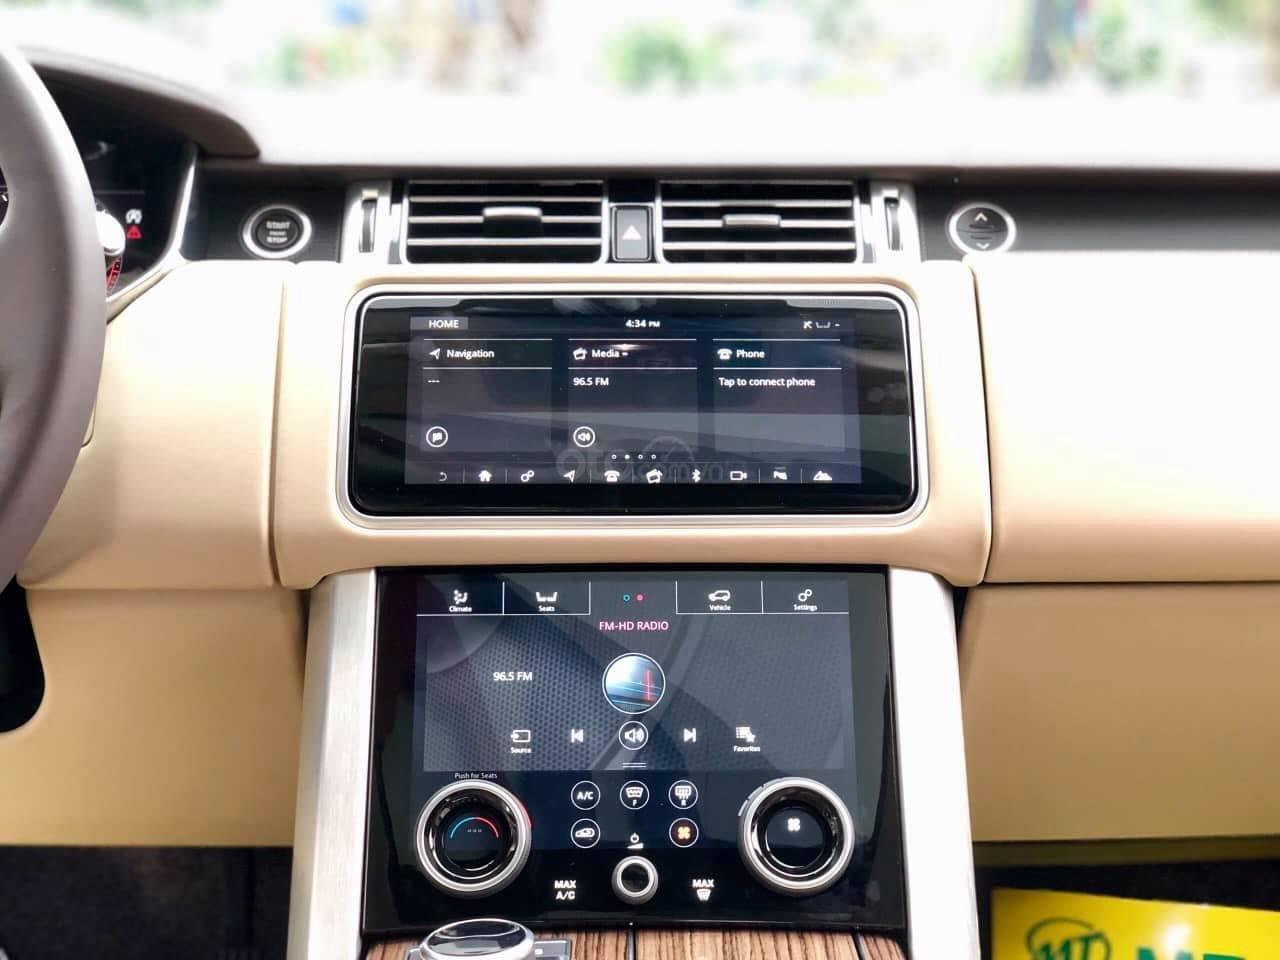 Bán ô tô LandRover Range Rover HSE đời 2018, màu trắng, nhập khẩu nguyên chiếc, LH 0905098888 - 0982.84.2838 (2)